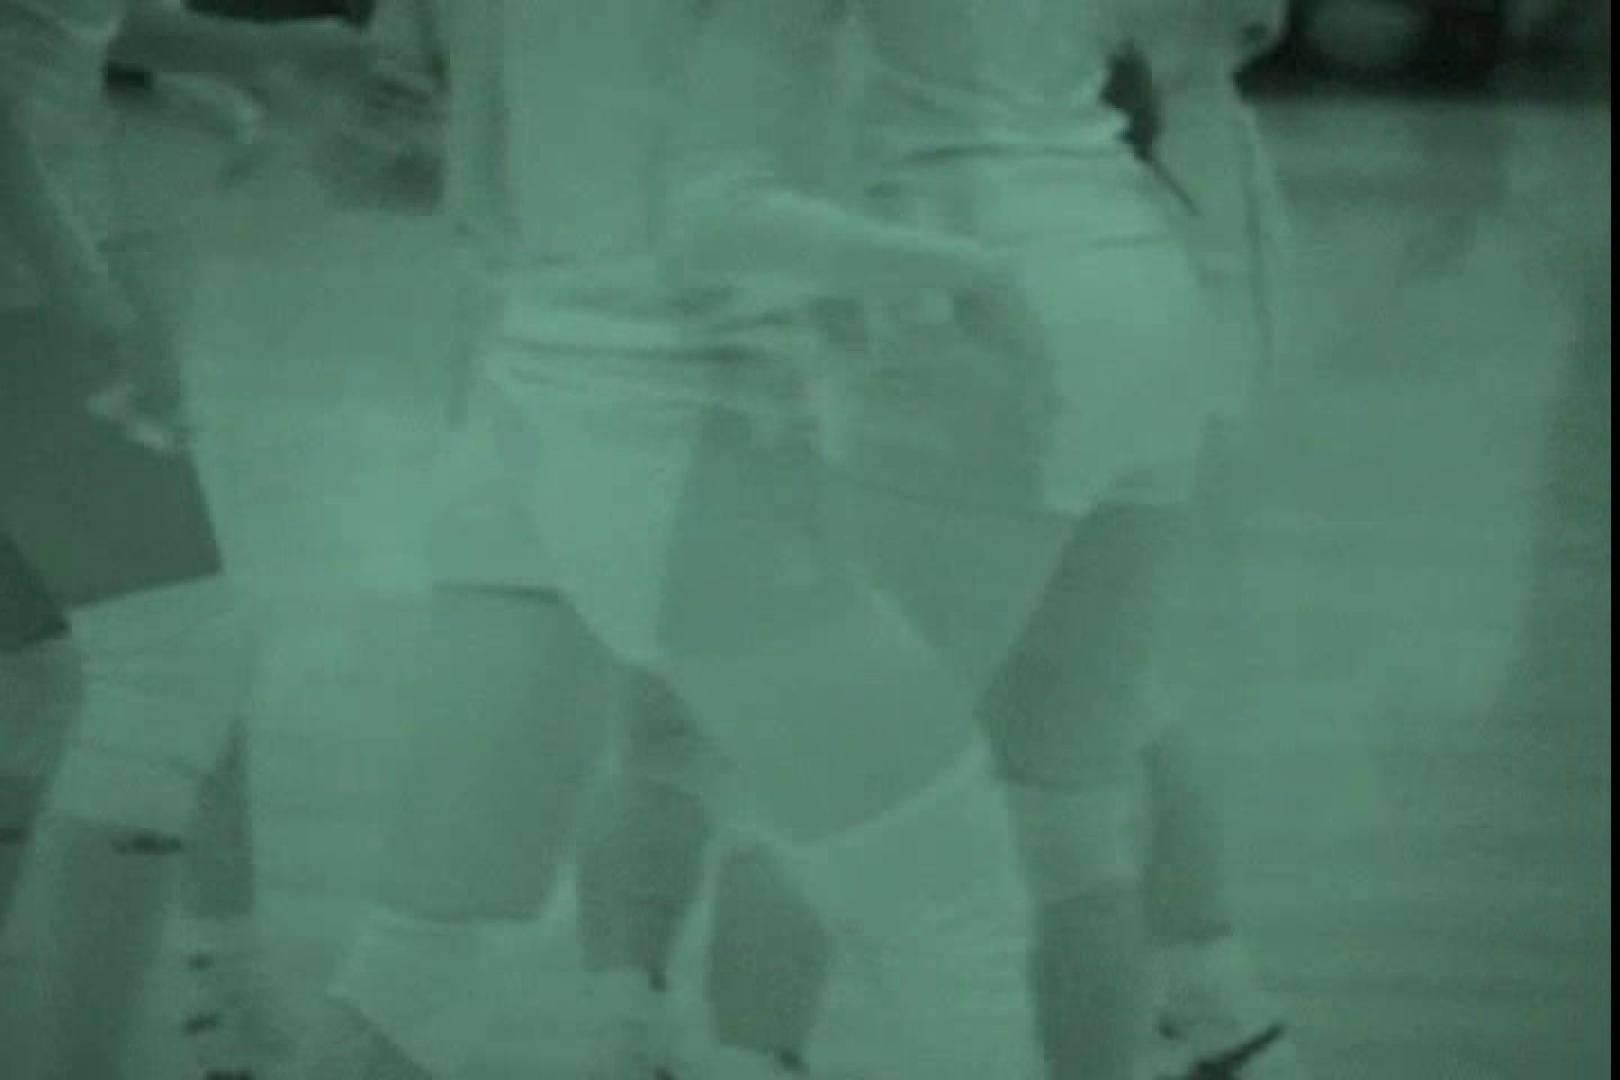 赤外線ムレスケバレー(汗) vol.04 OLエロ画像   アスリート  82PICs 1